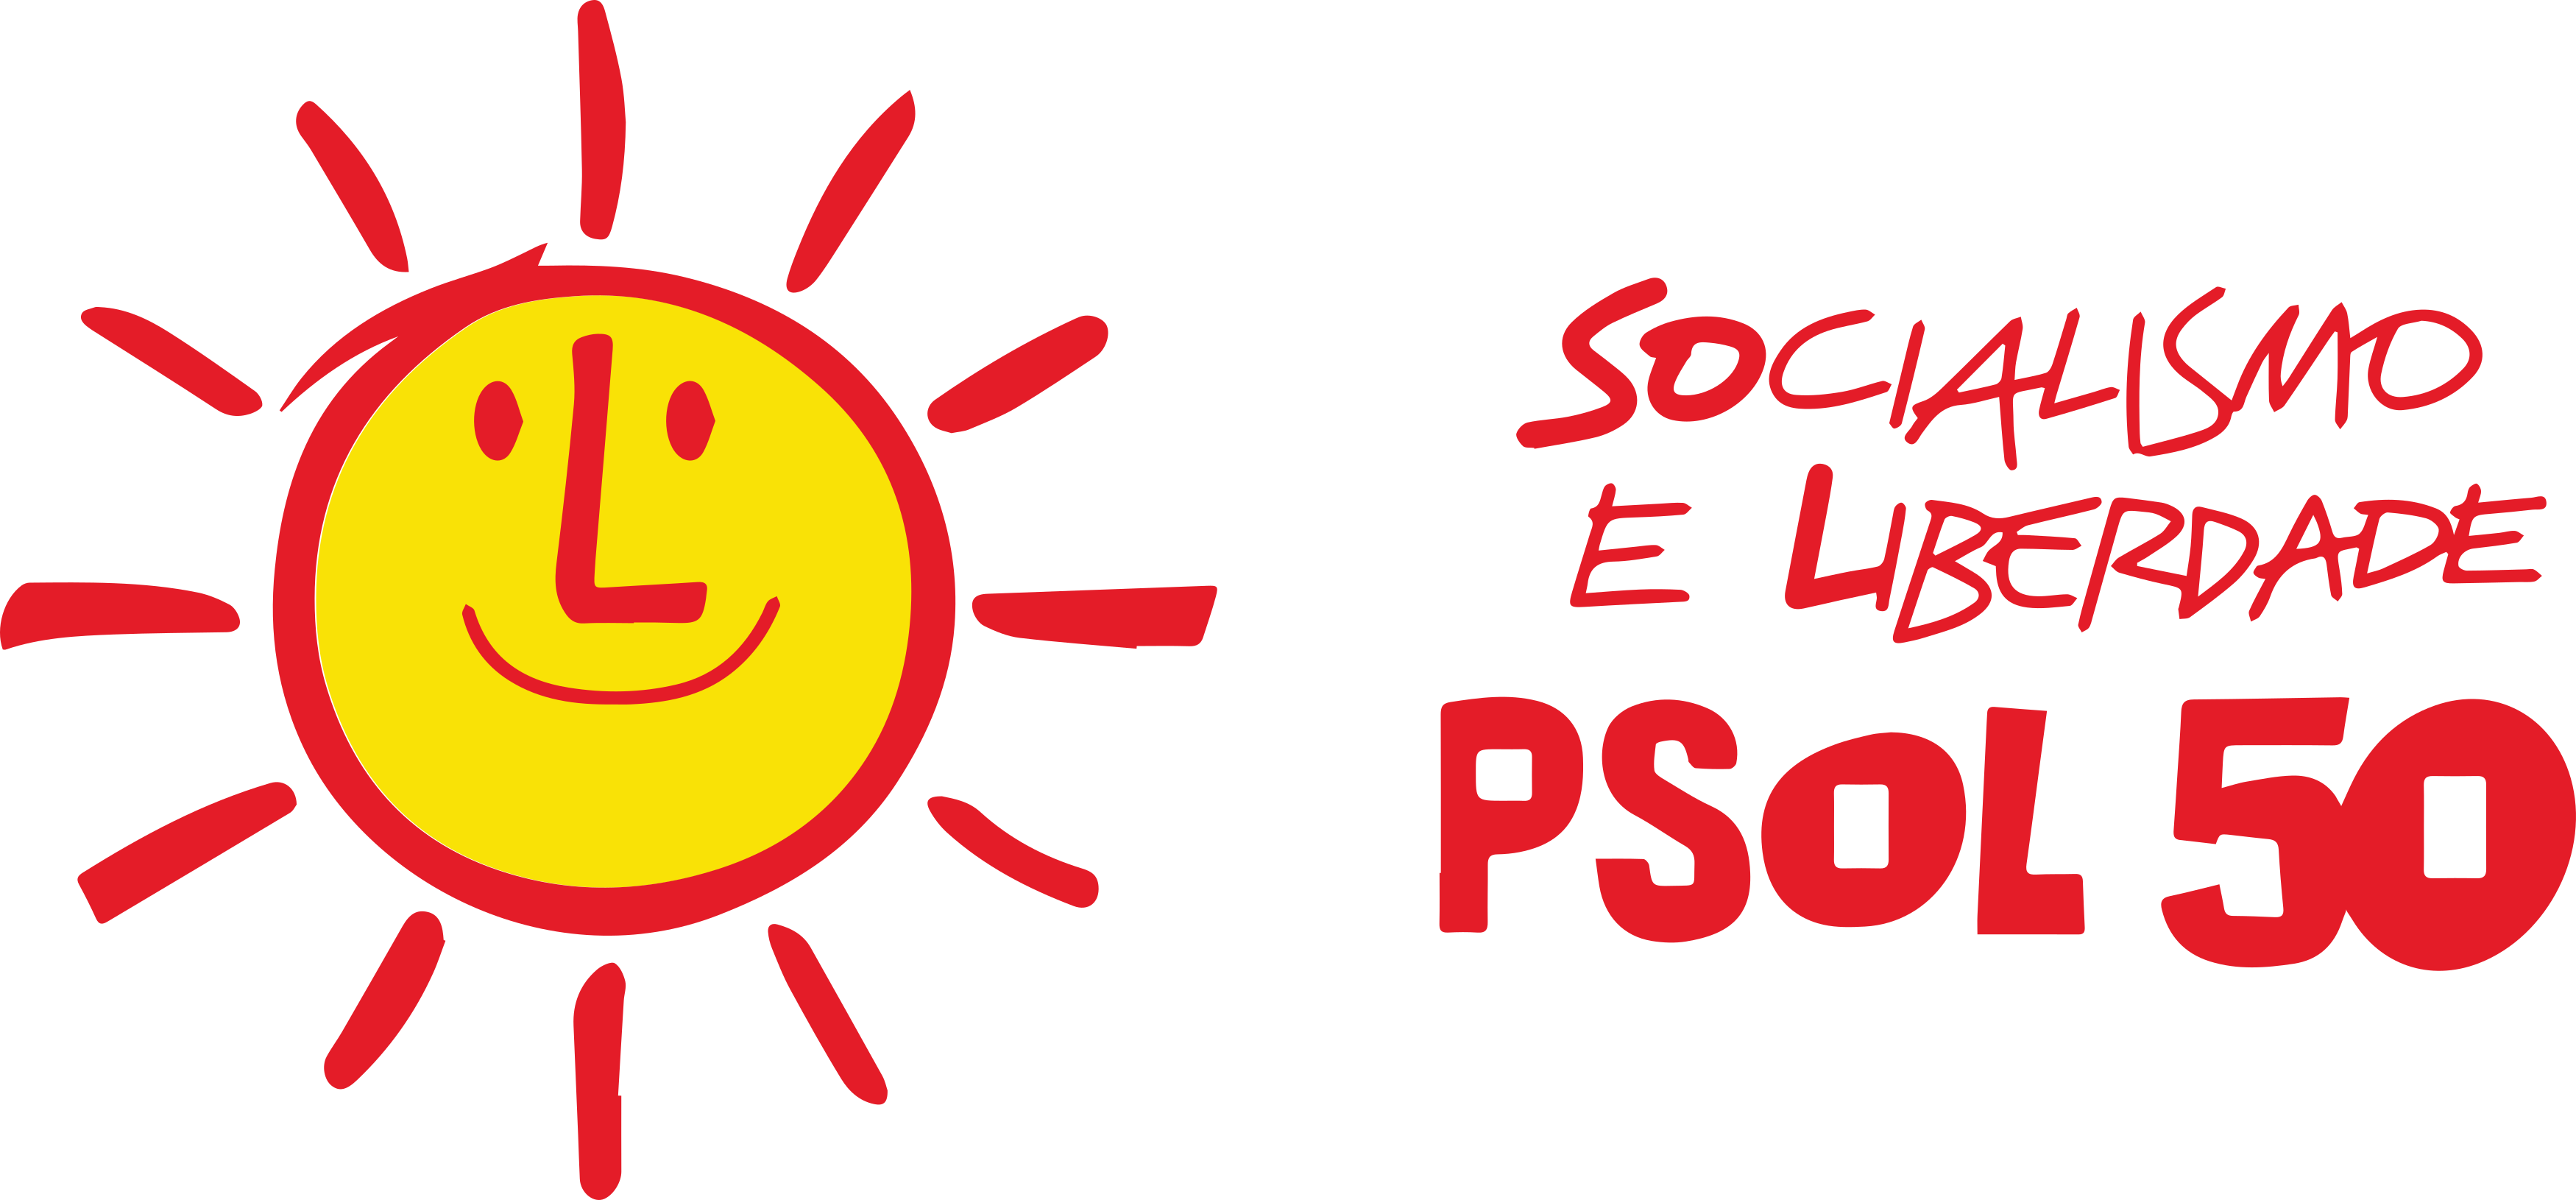 psol logo 1 - Psol Logo - Partido Socialismo e Liberdade Logo